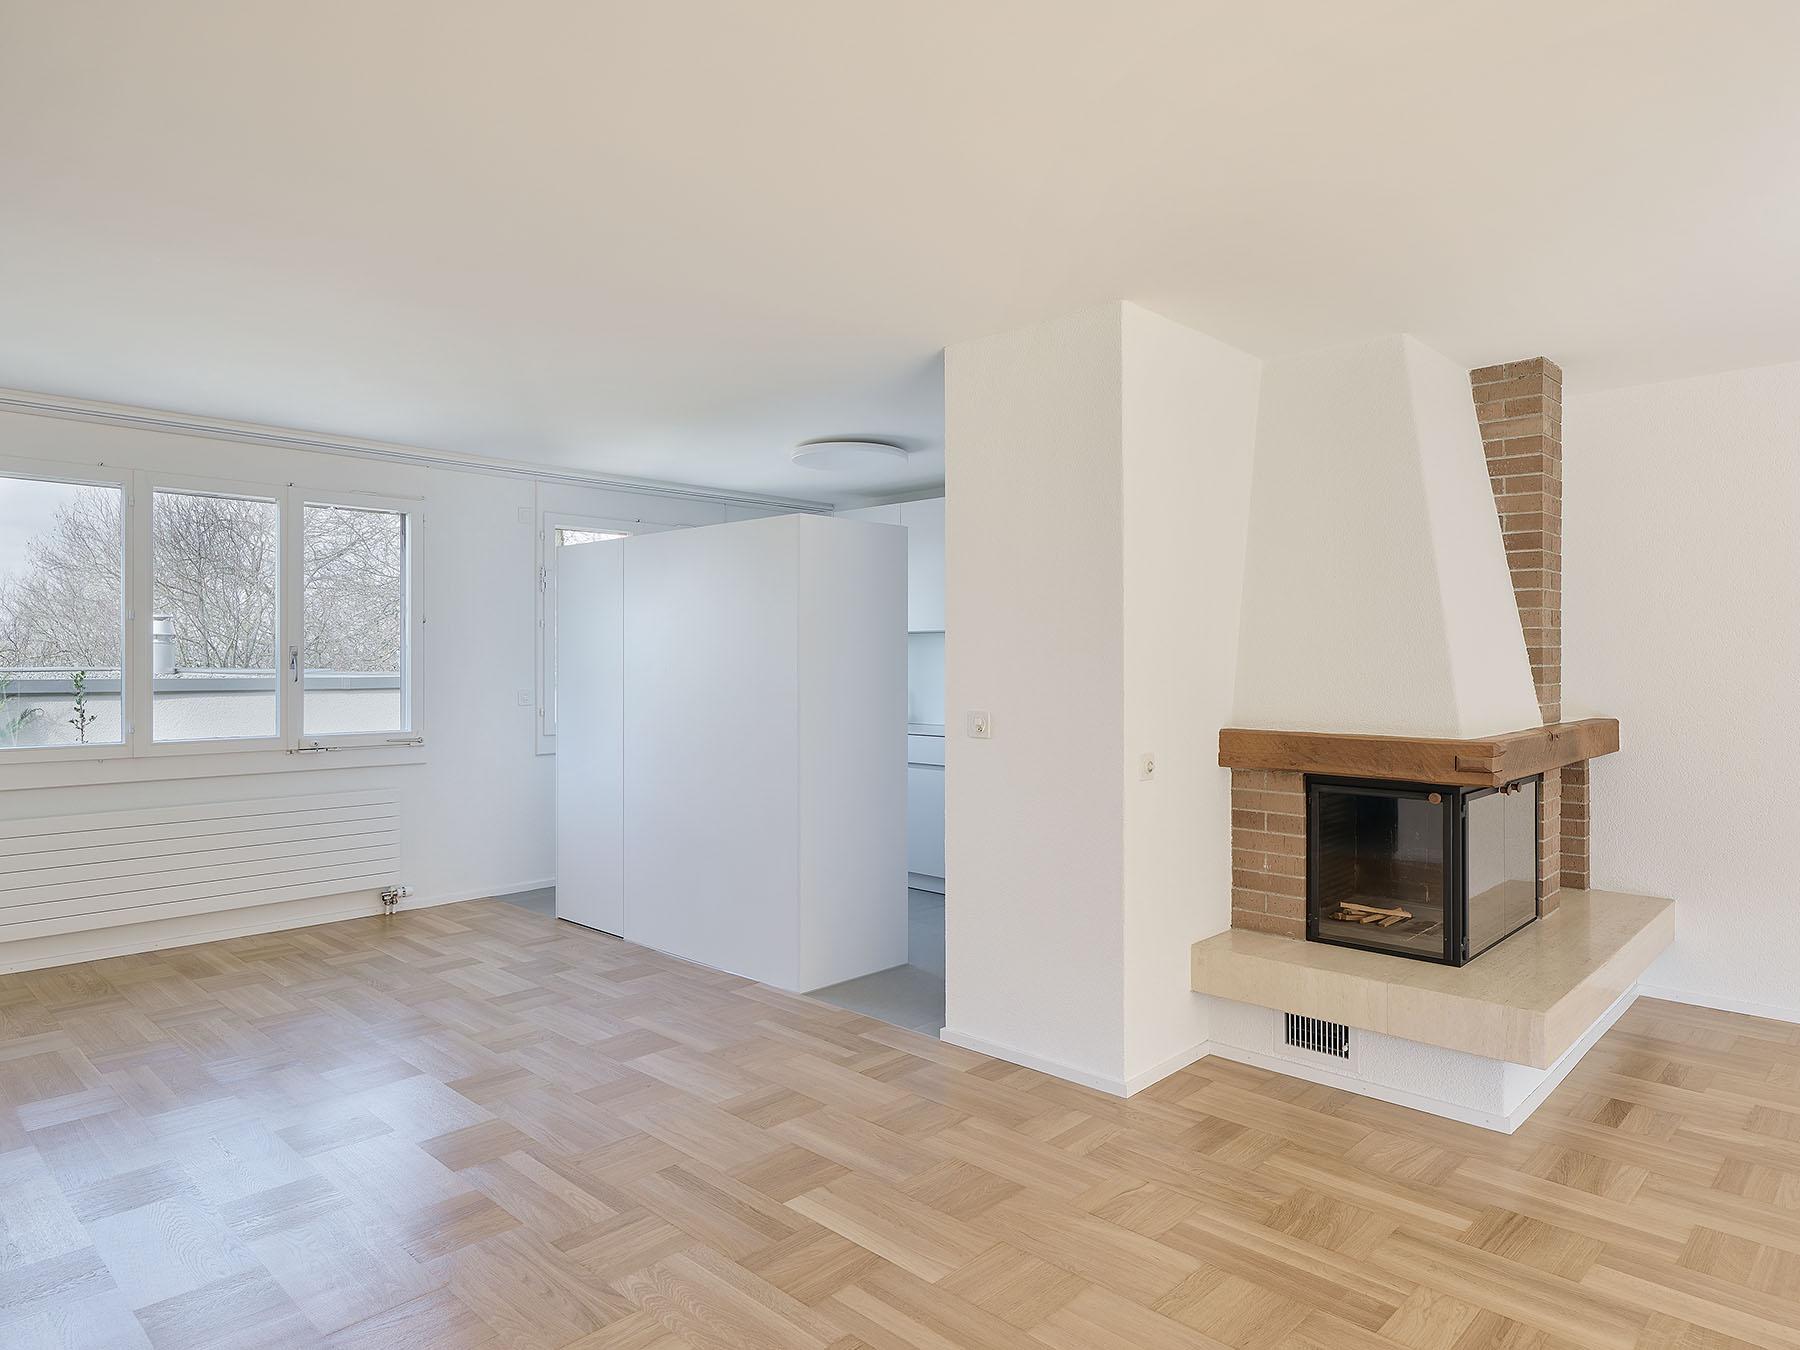 5. Bild zum Projekt 'Umbau Wohnhaus Ahornweg'